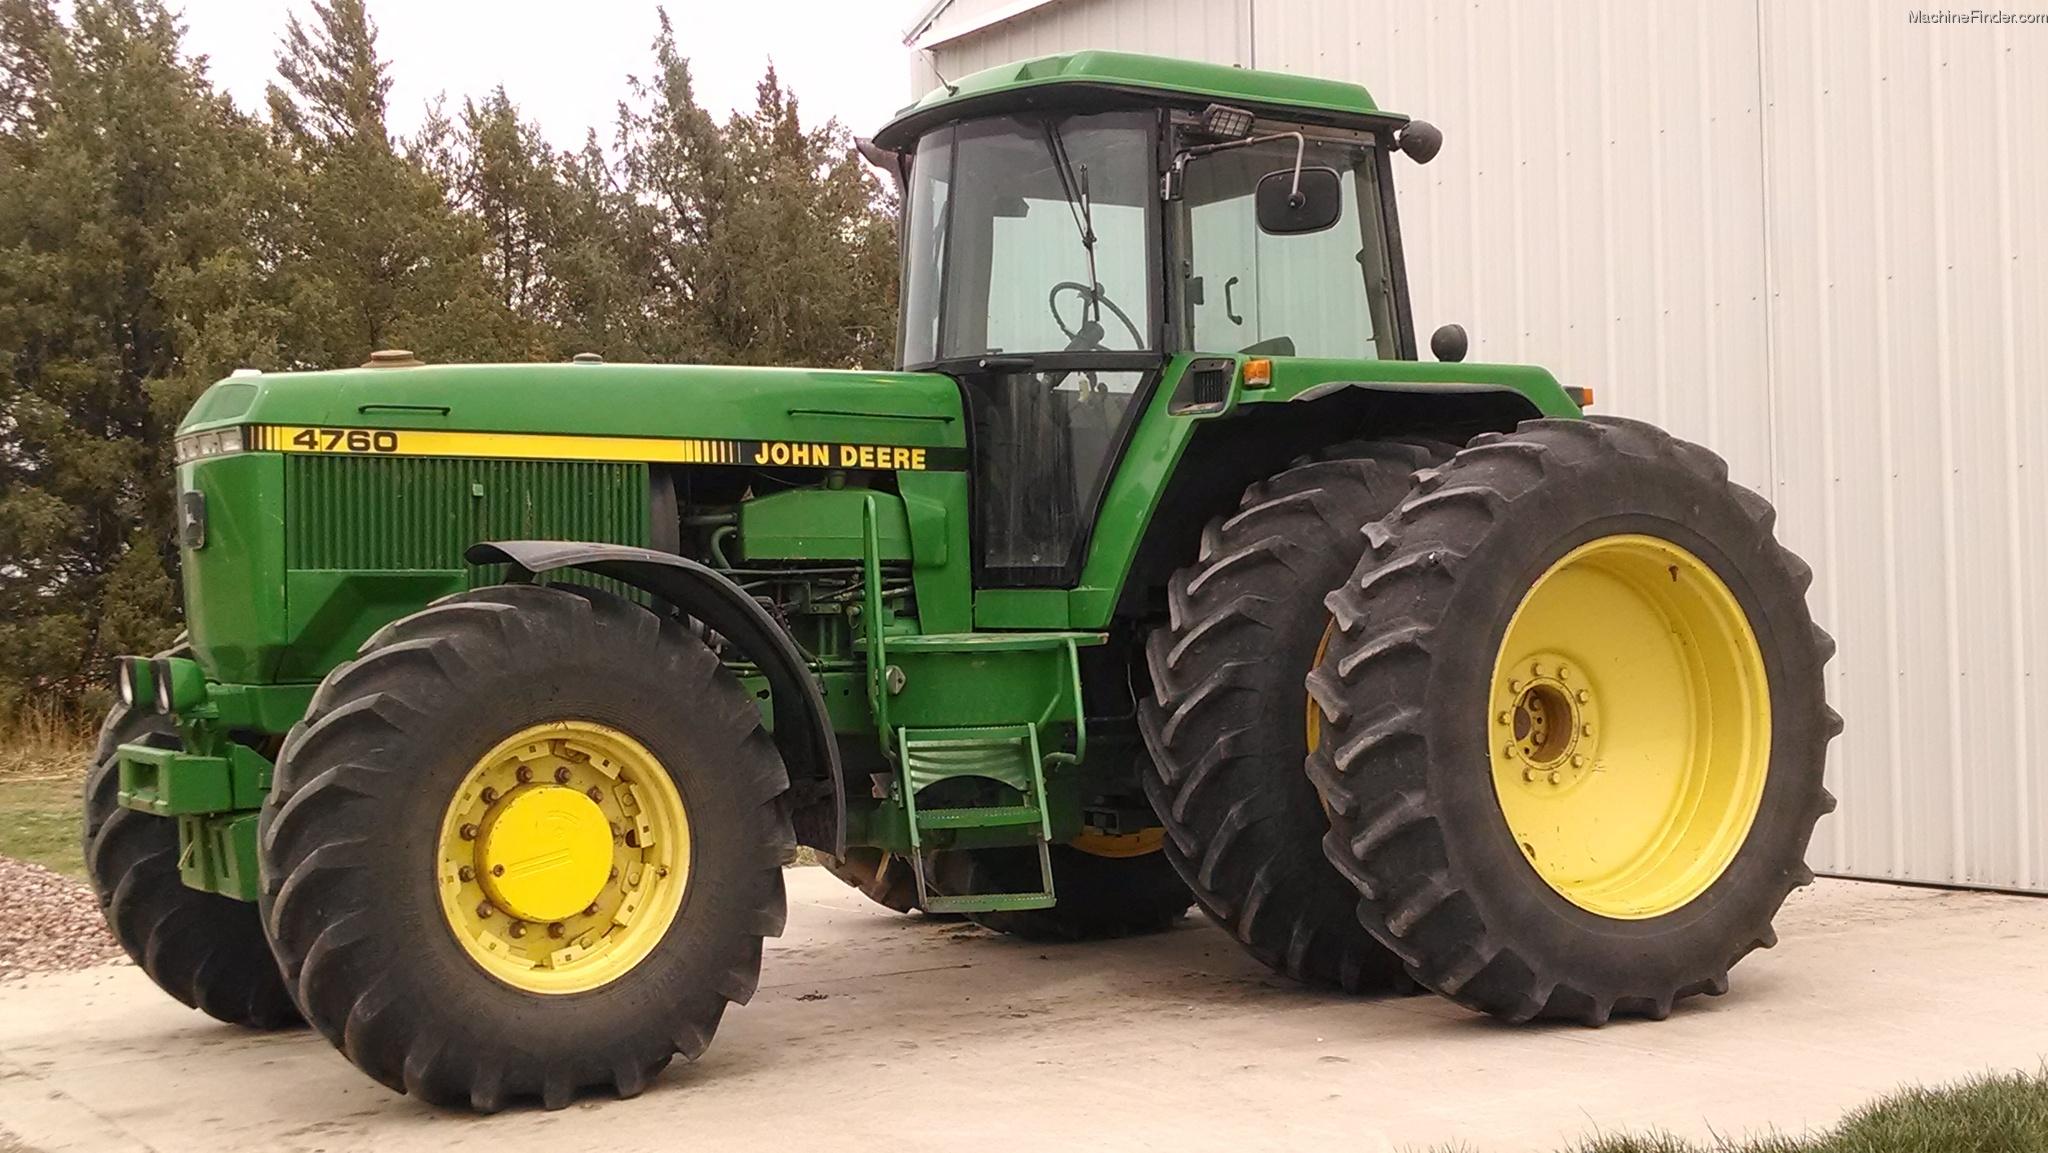 1992 John Deere 4760 Tractors - Row Crop (+100hp) - John ...